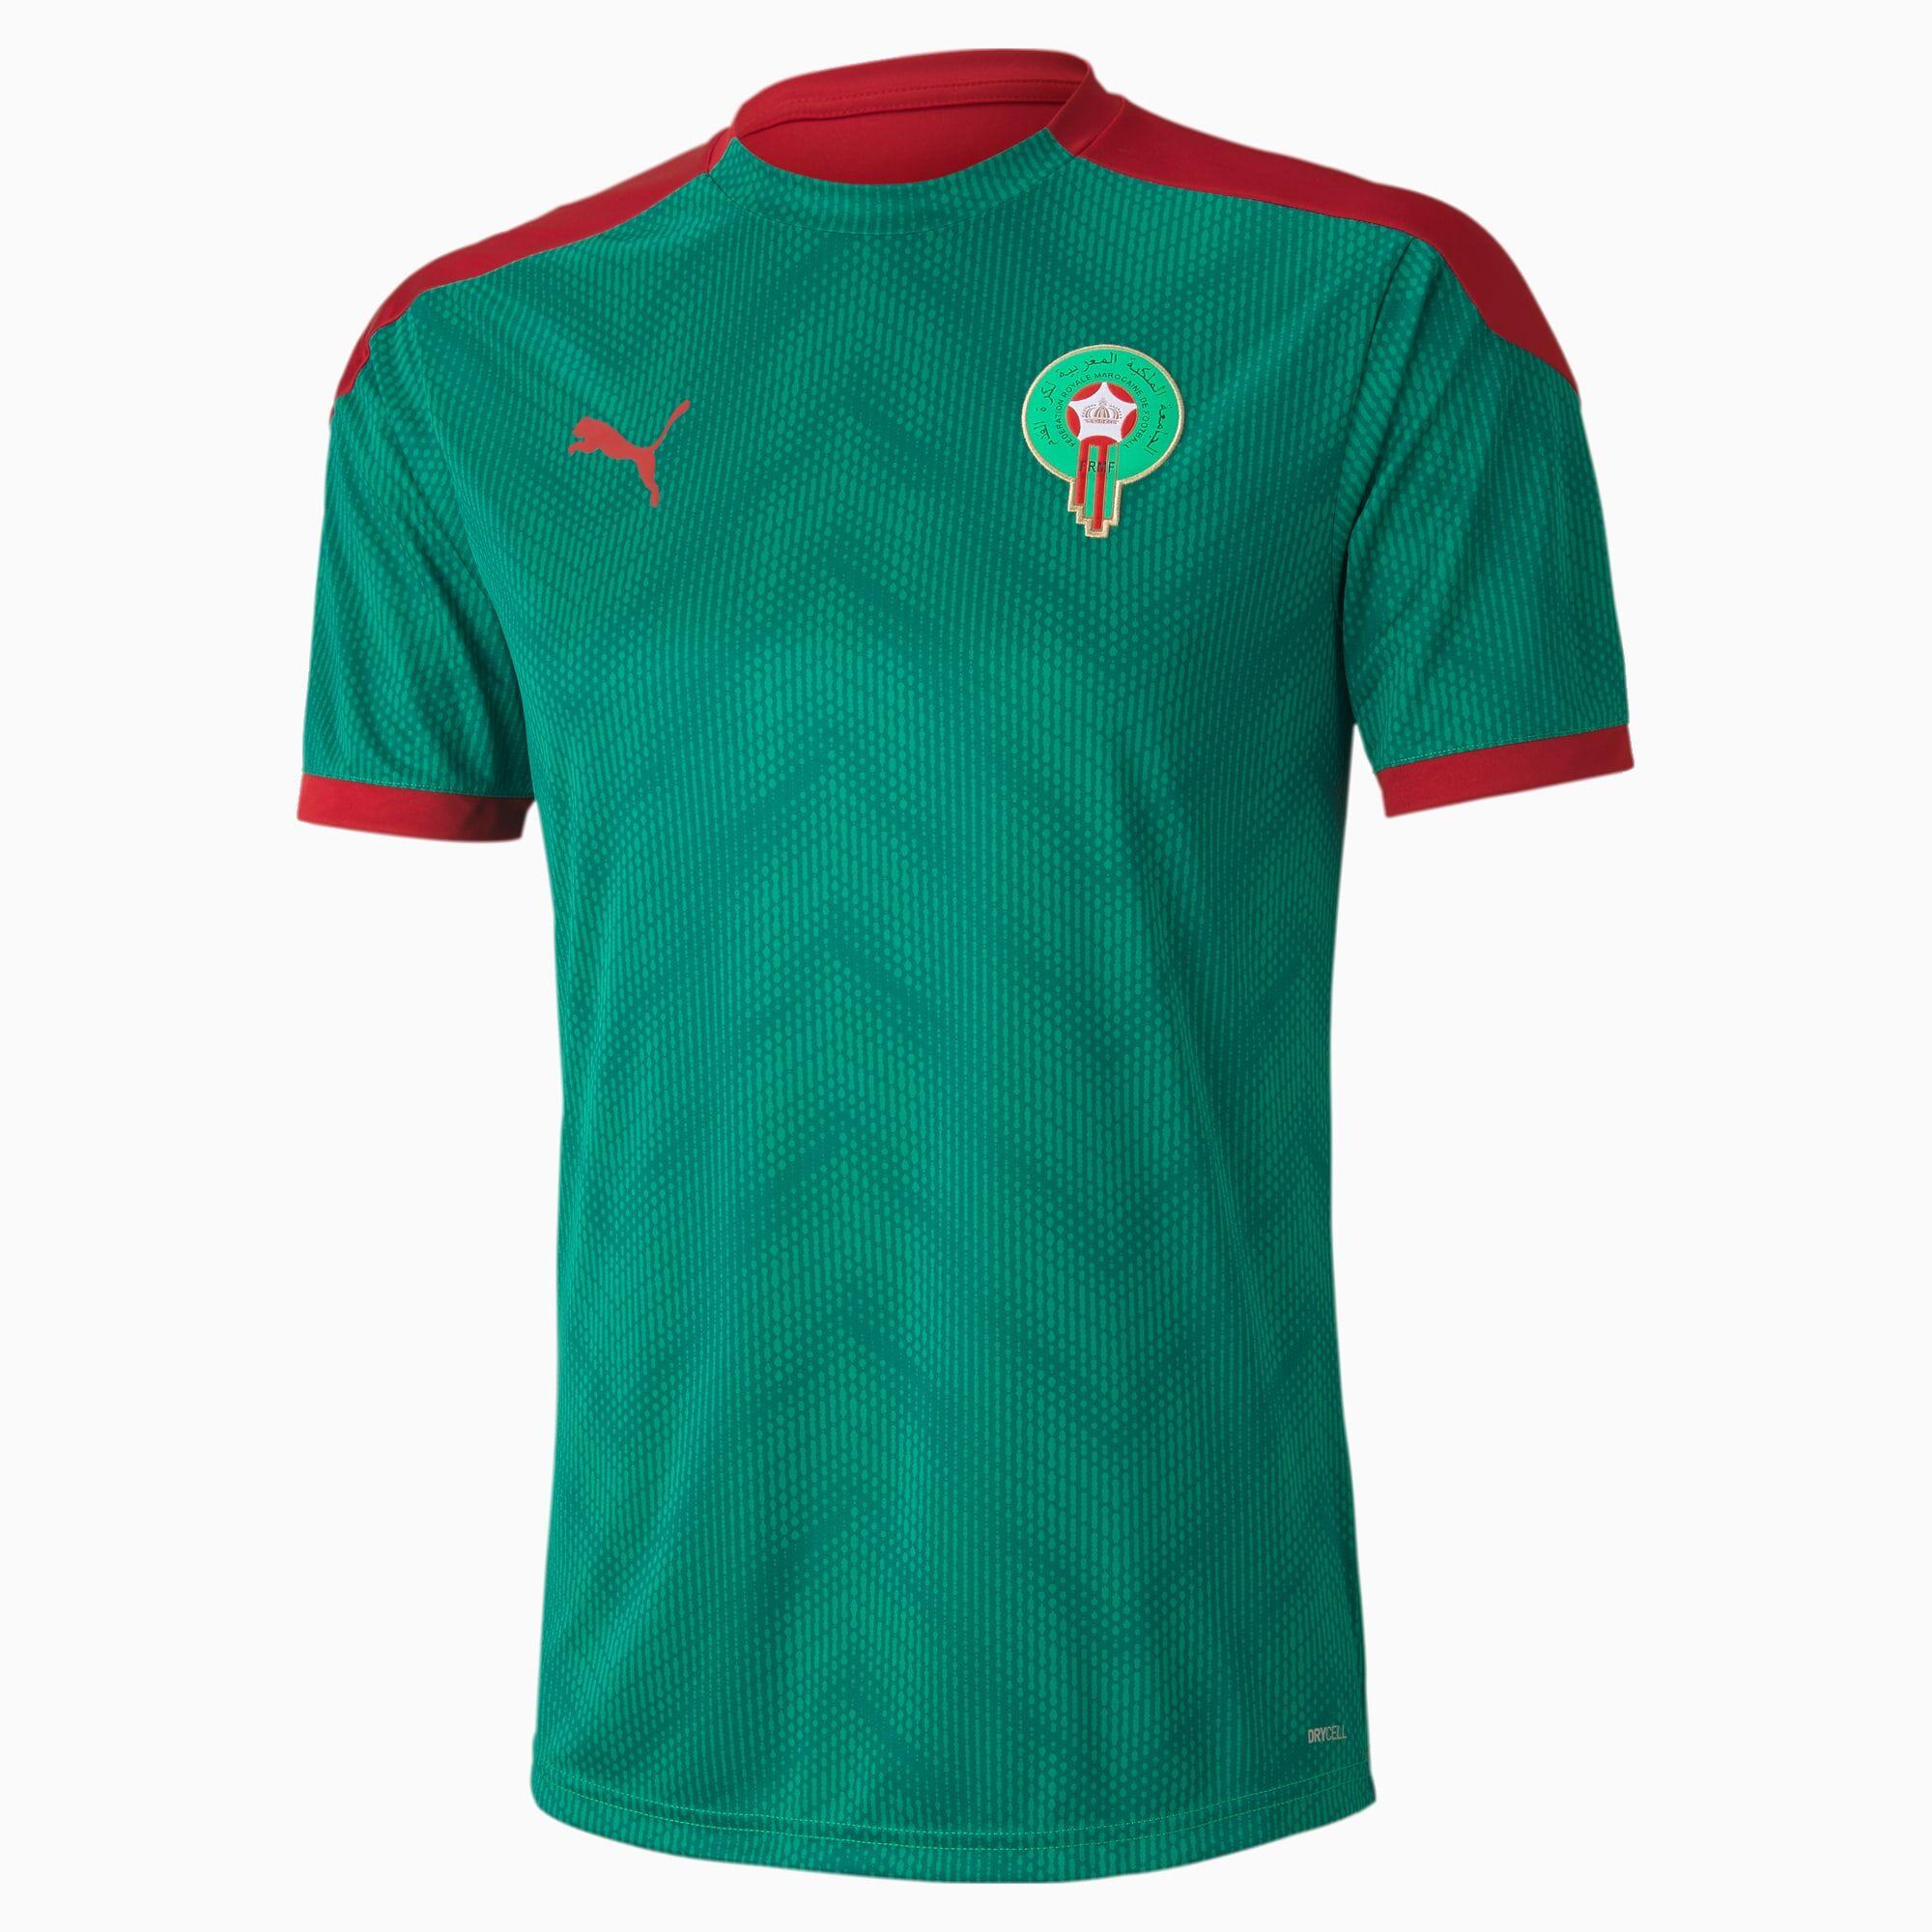 PUMA Maillot Stadium Maroc pour Homme, Vert/Rouge, Taille XS, Vêtements